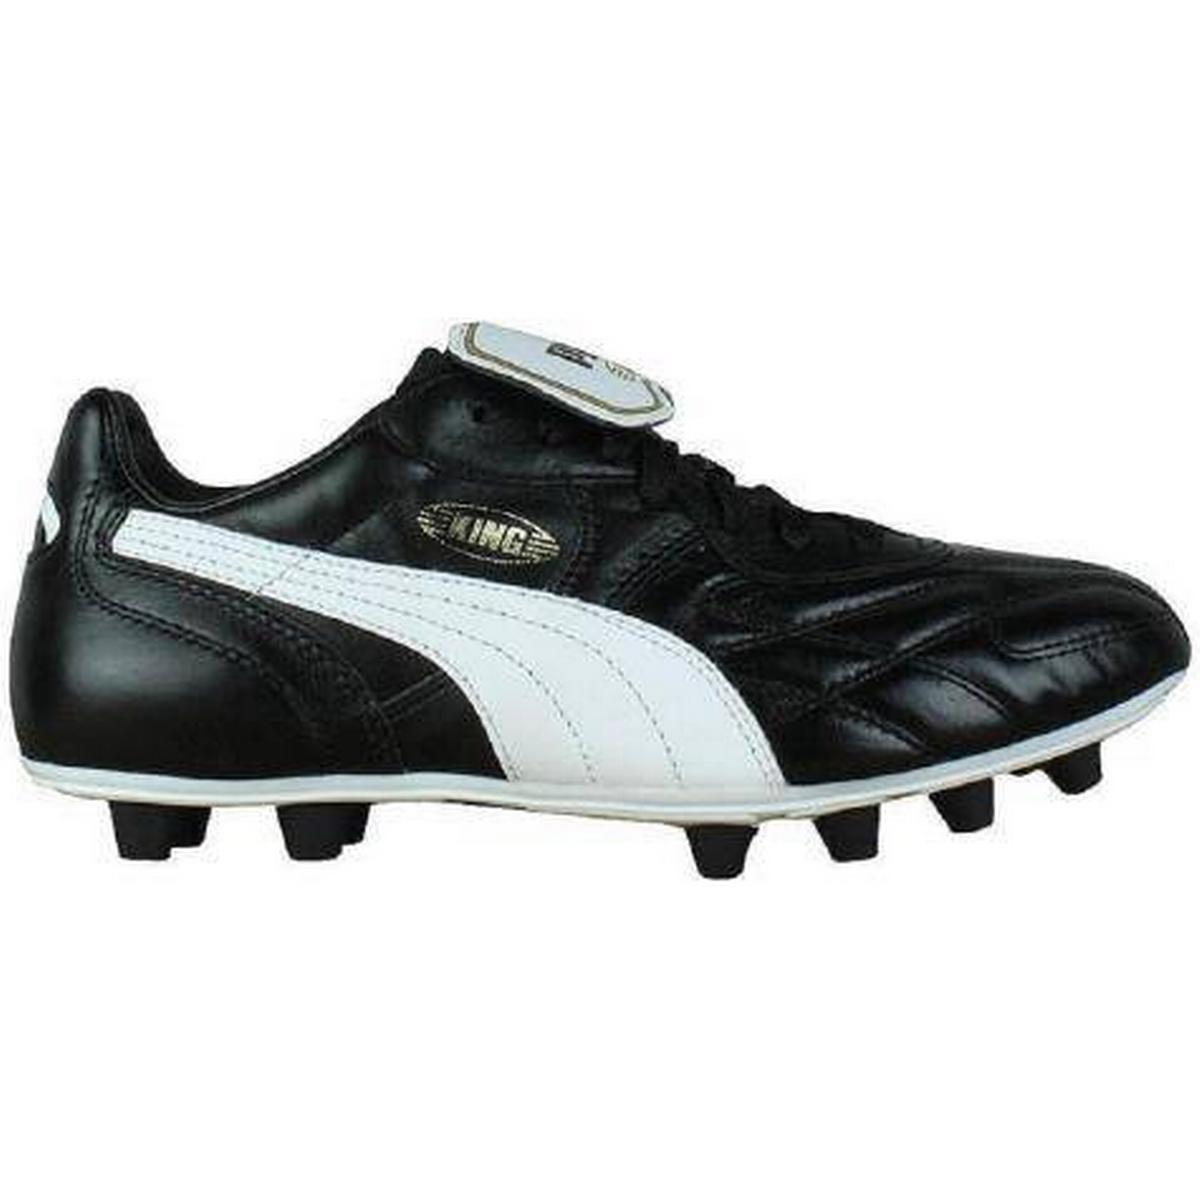 Puma Fodboldstøvler (200+ produkter) hos PriceRunner • Se